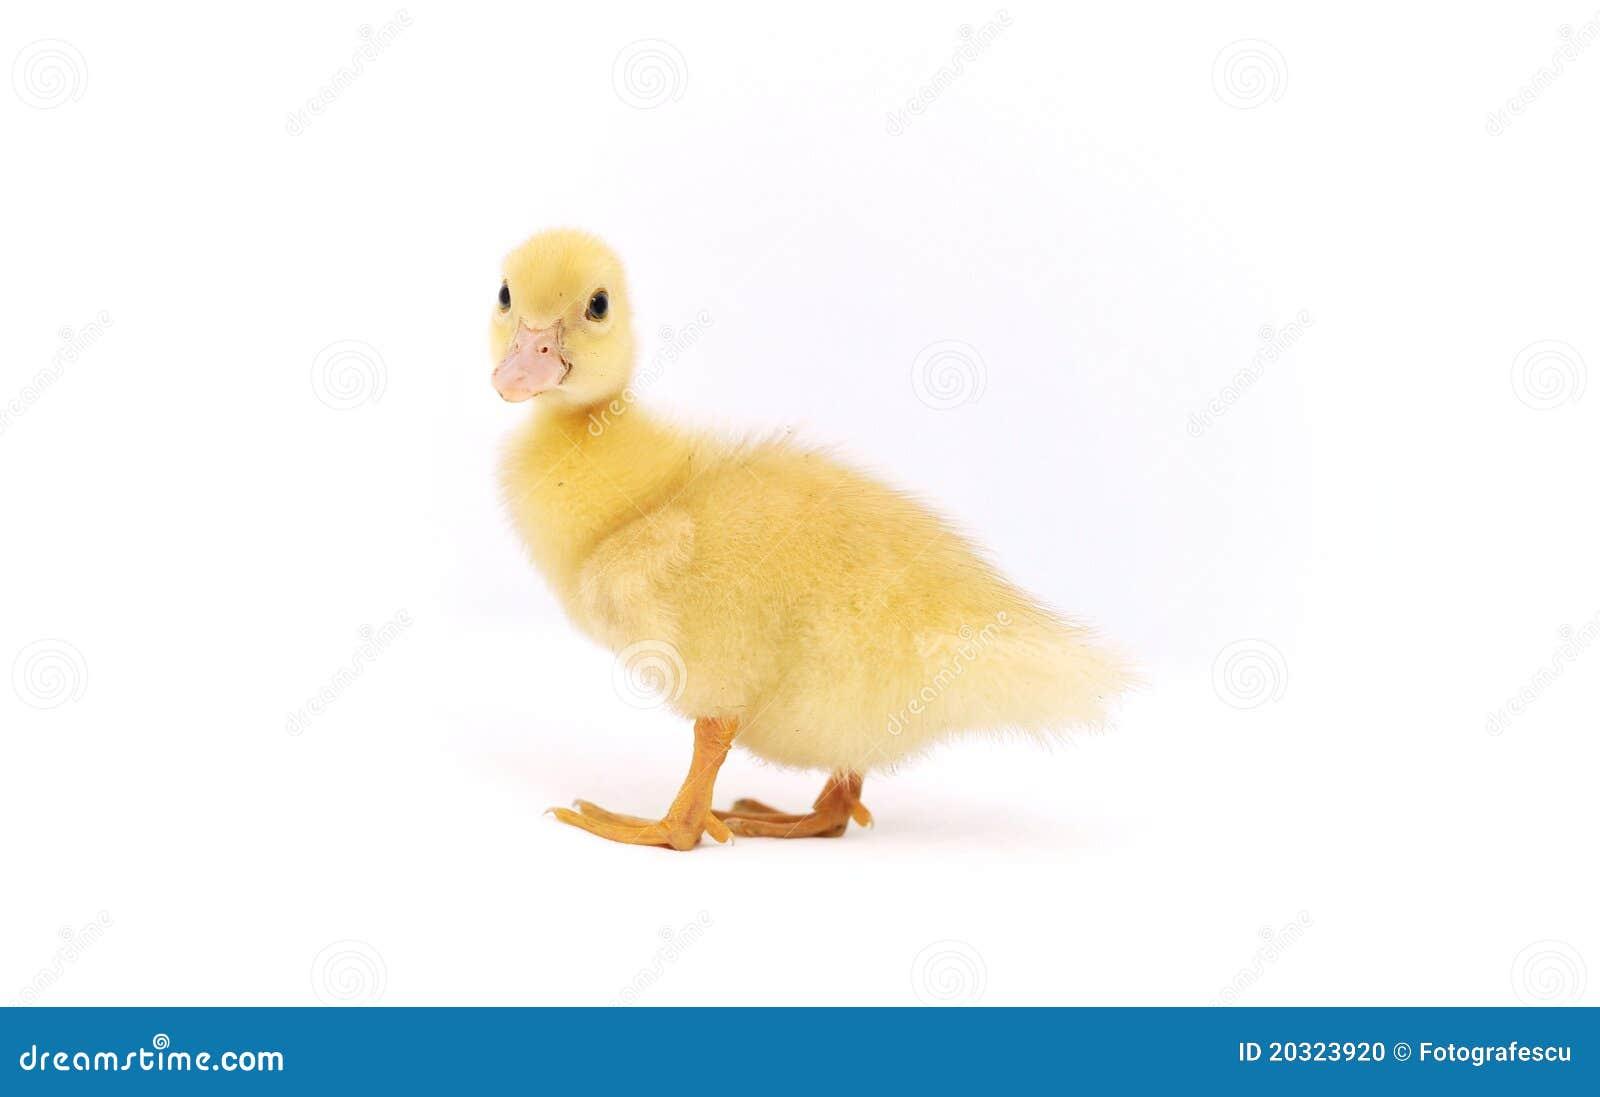 小鸭子黄色